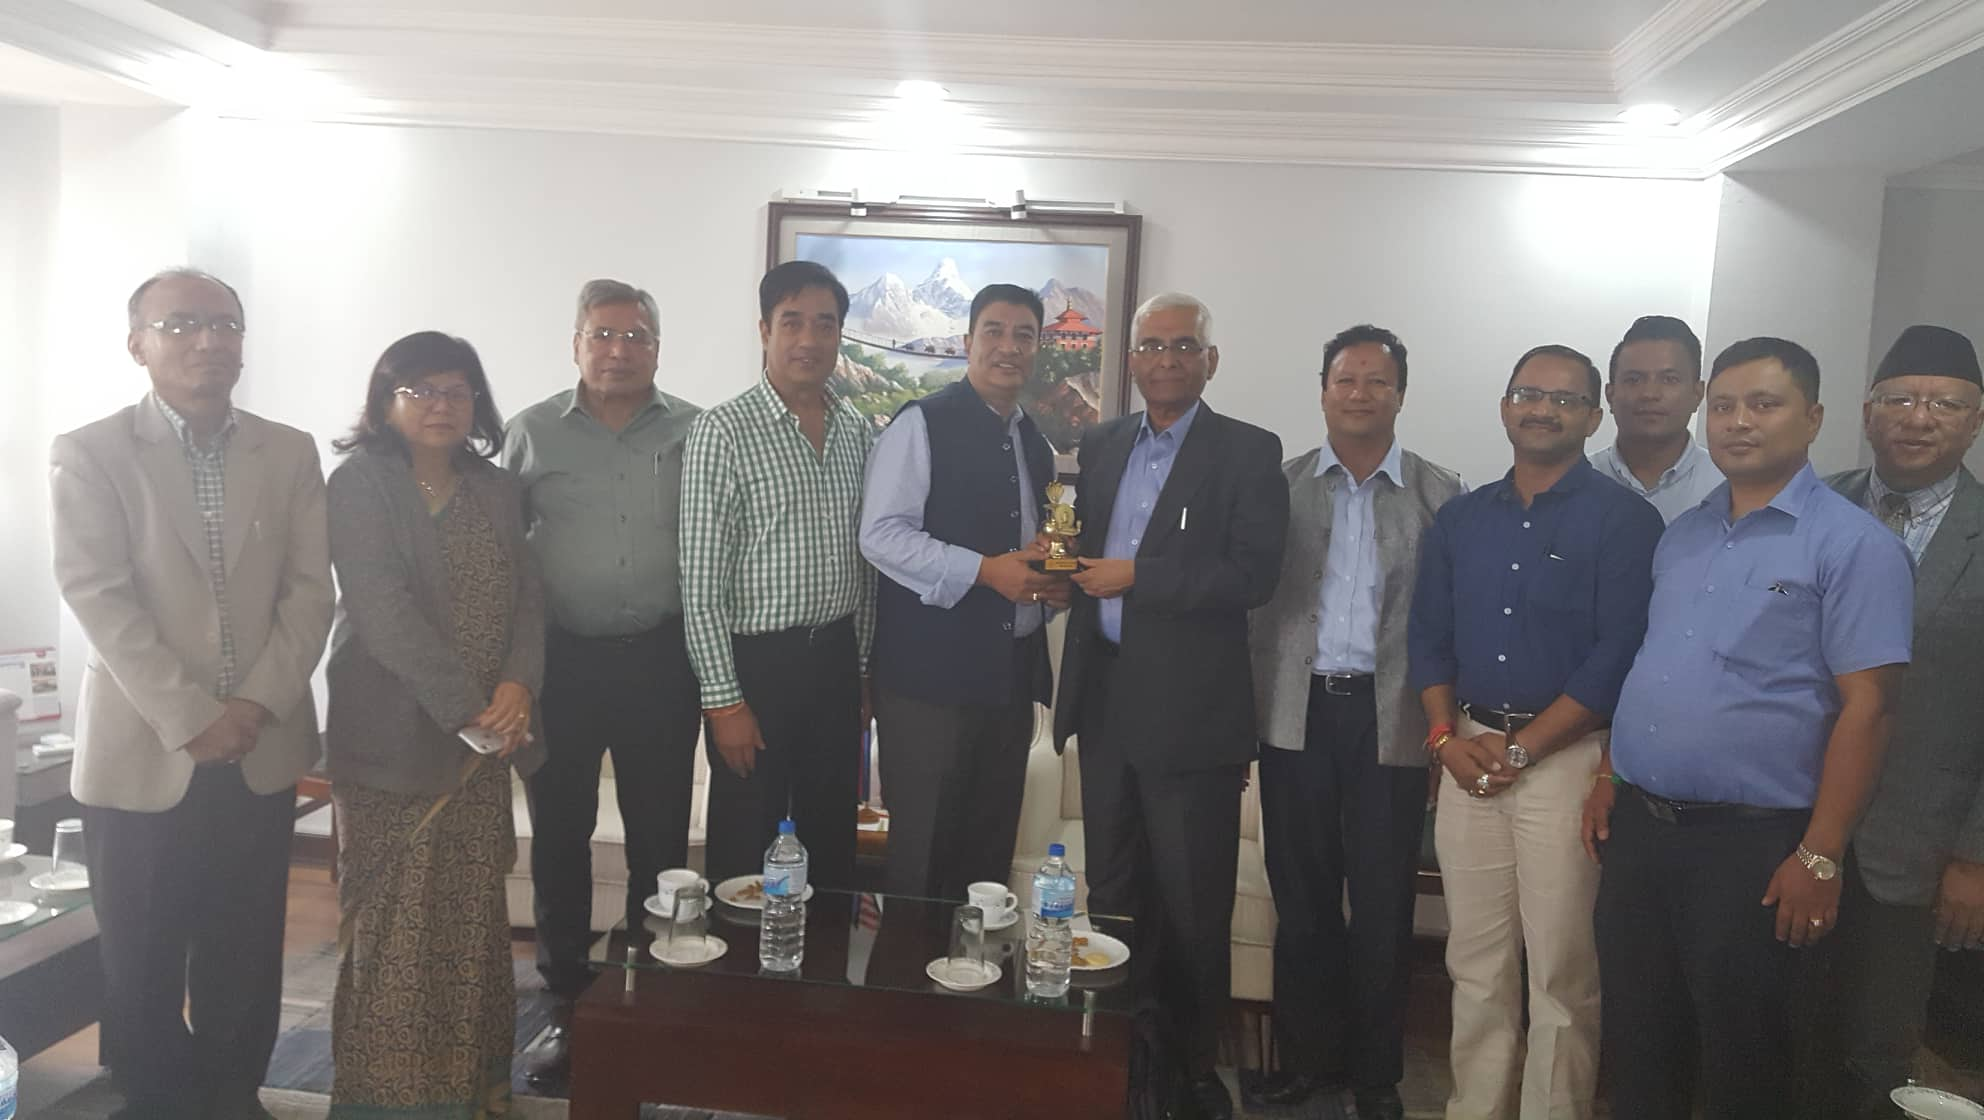 चेम्बर अध्यक्षद्वारा साउदीका लागि नेपाली राजदूतसँग छलफल